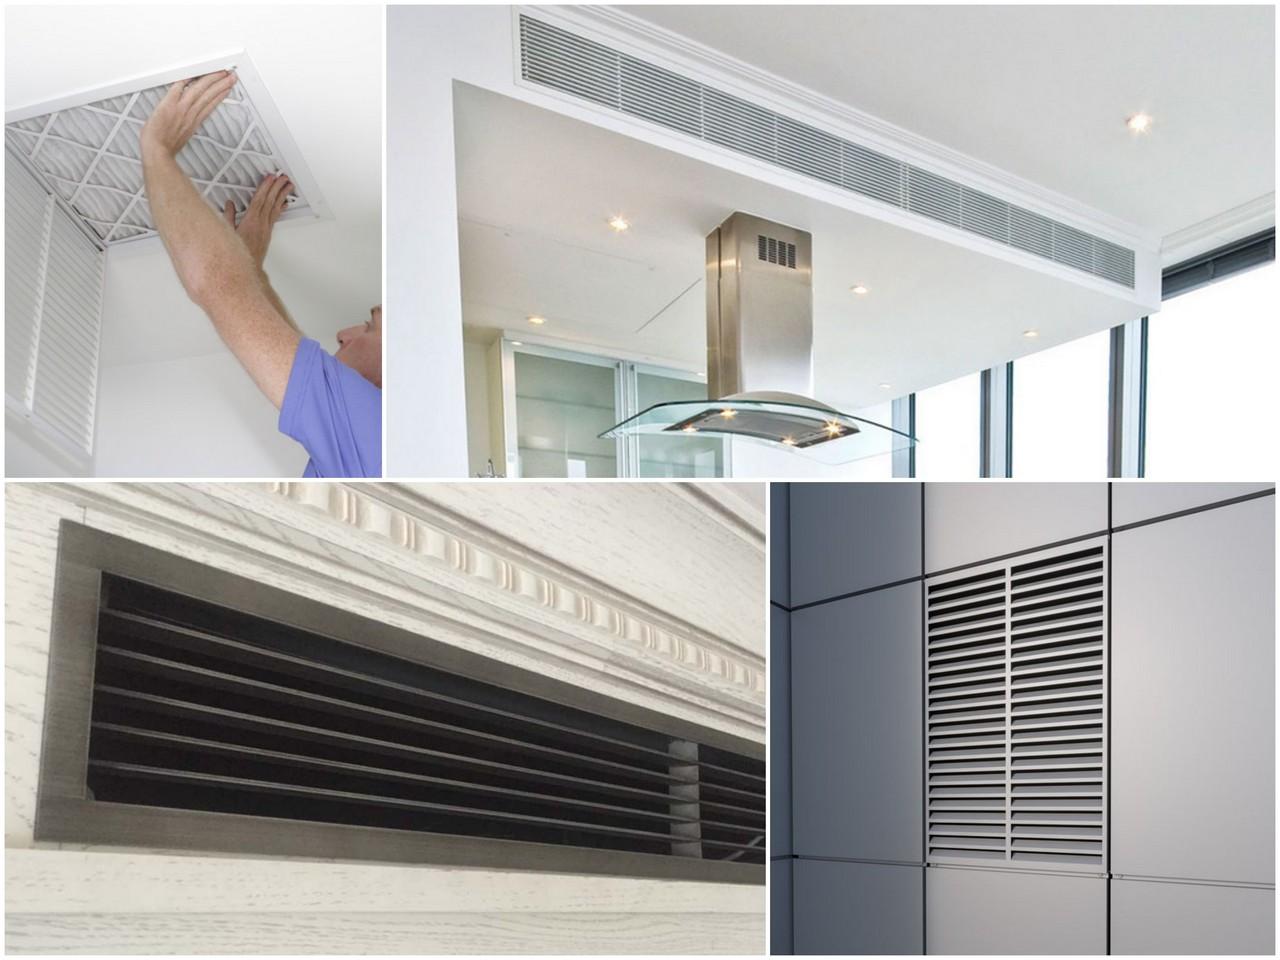 Жалюзийные вентиляционные решетки - особенности и преимущества